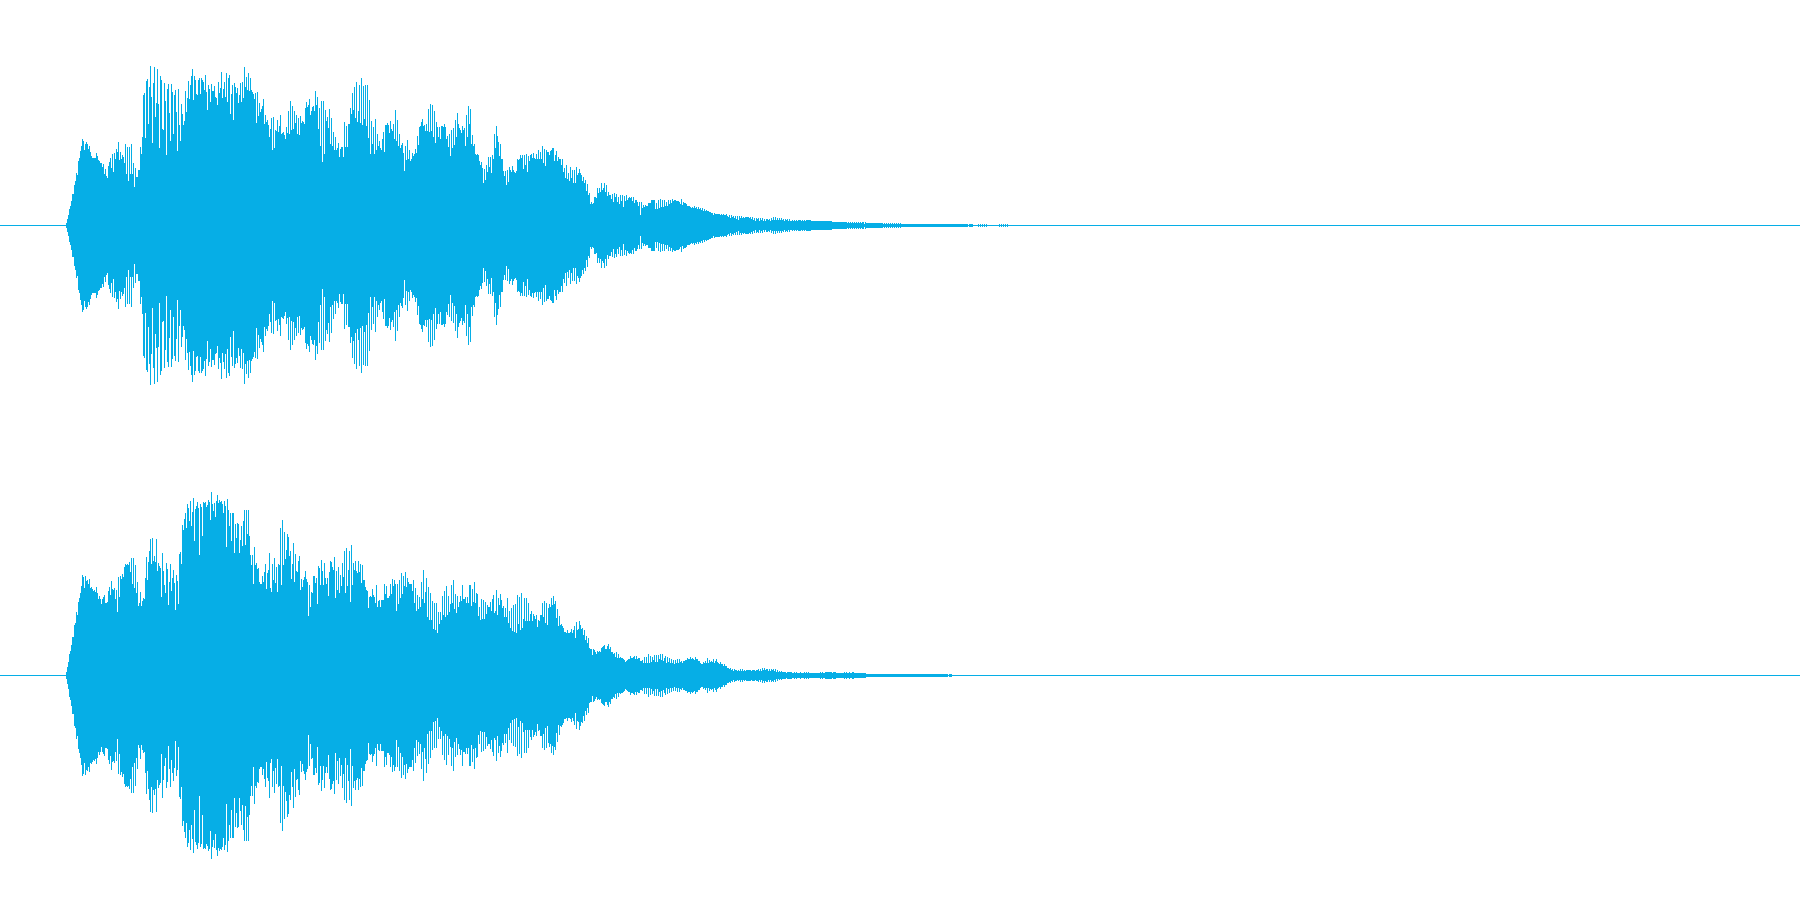 ジングル/環境(清涼/場面転換)の再生済みの波形